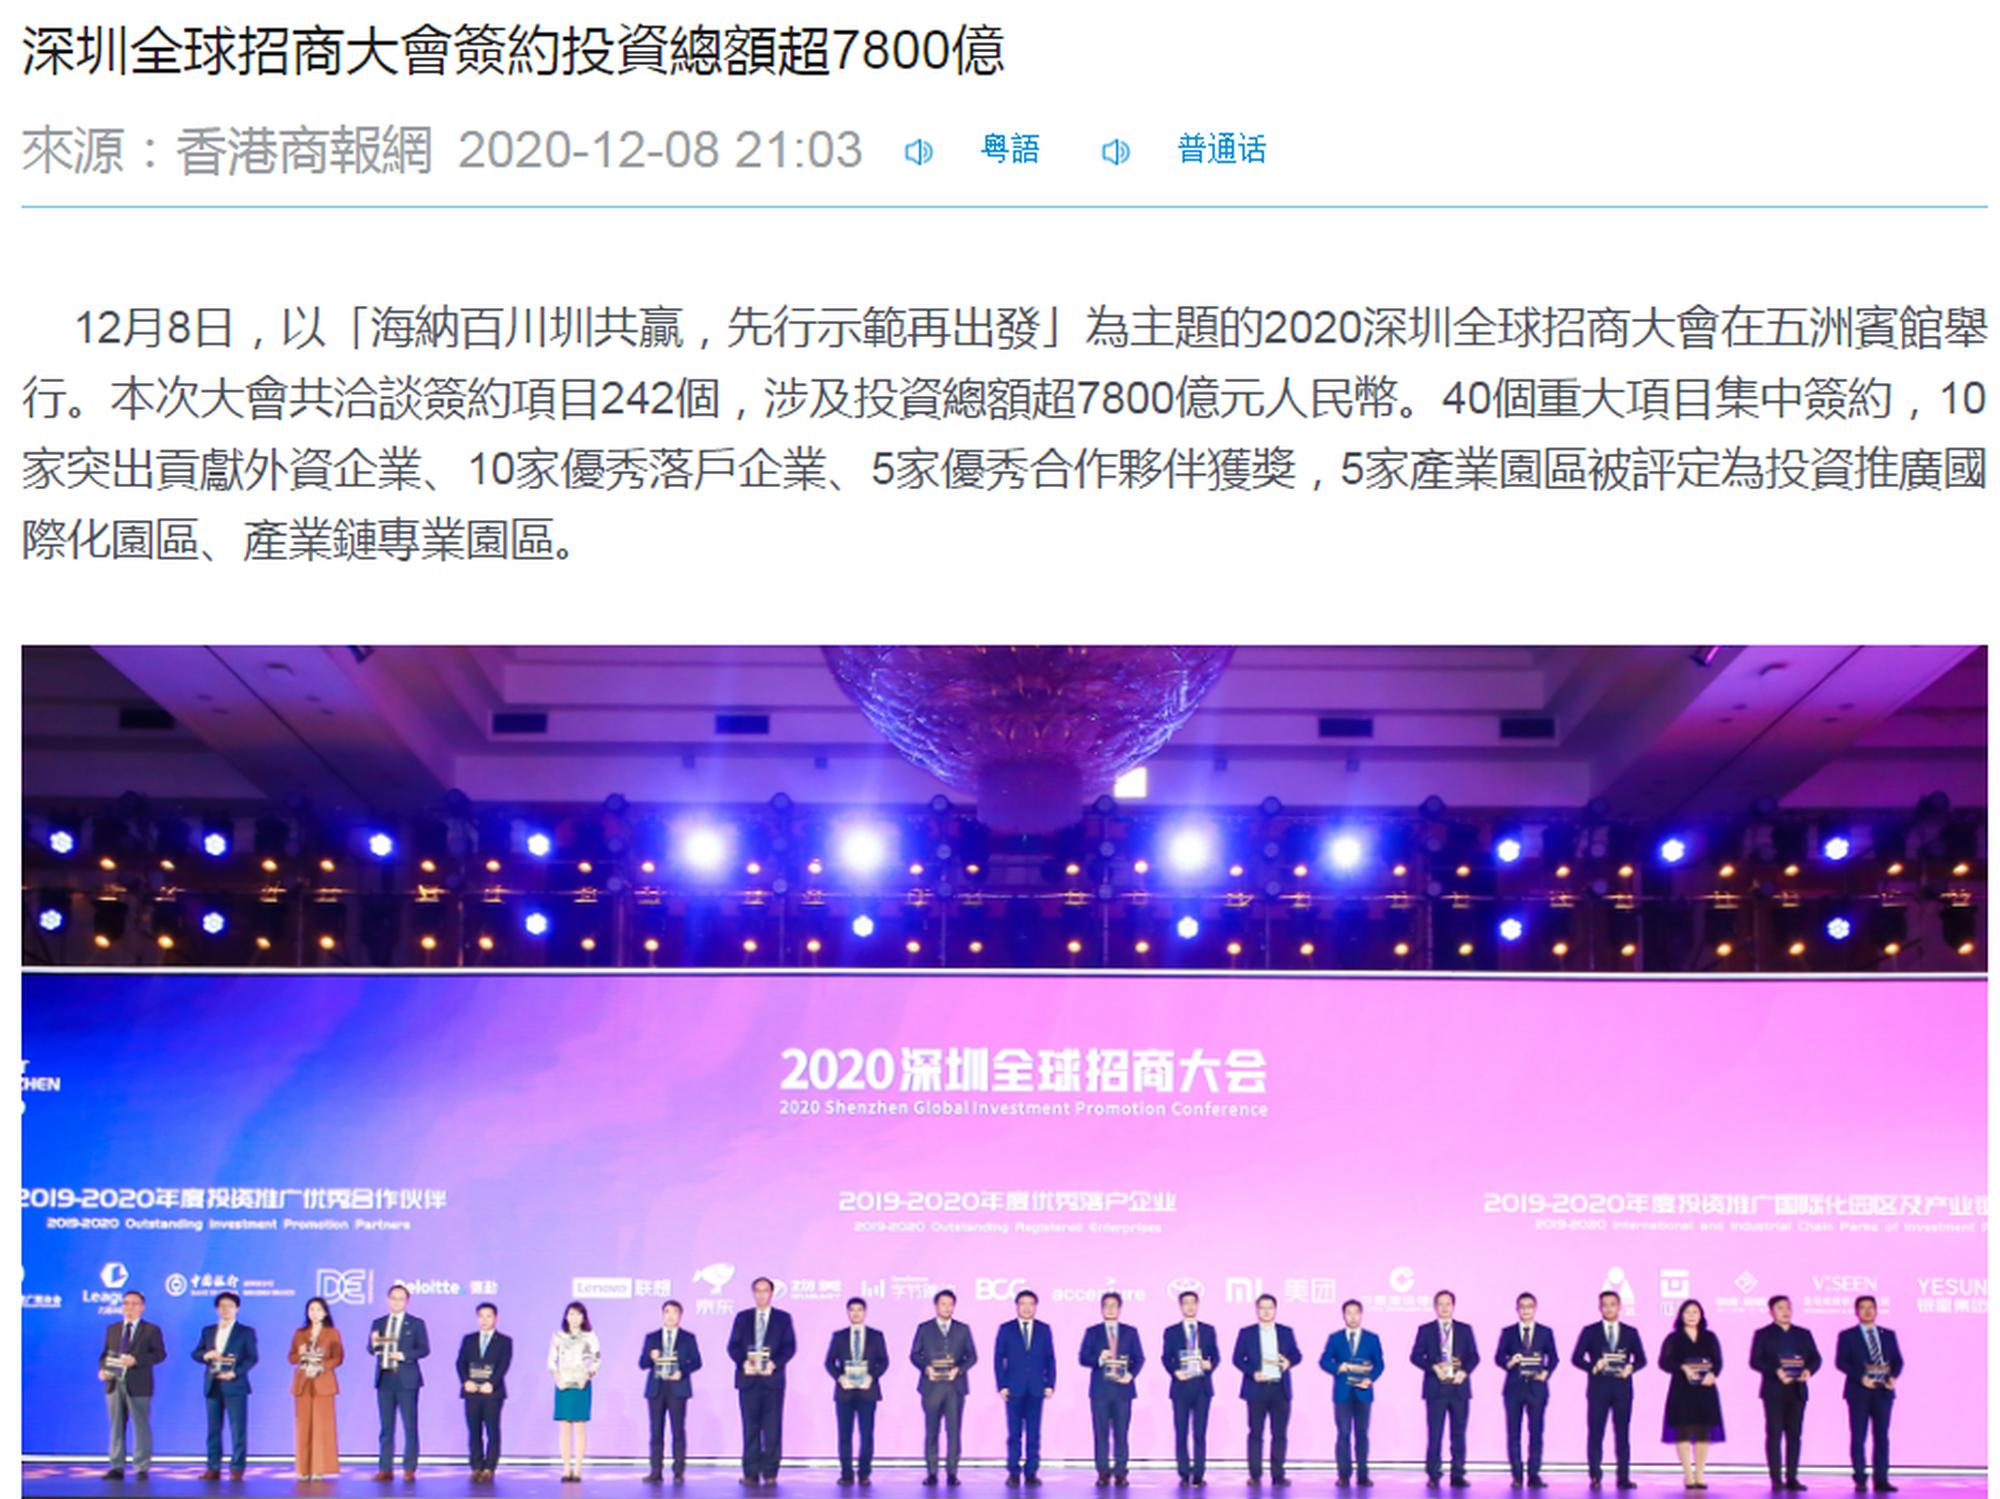 深圳全球招商大會簽約投資總額超7800億